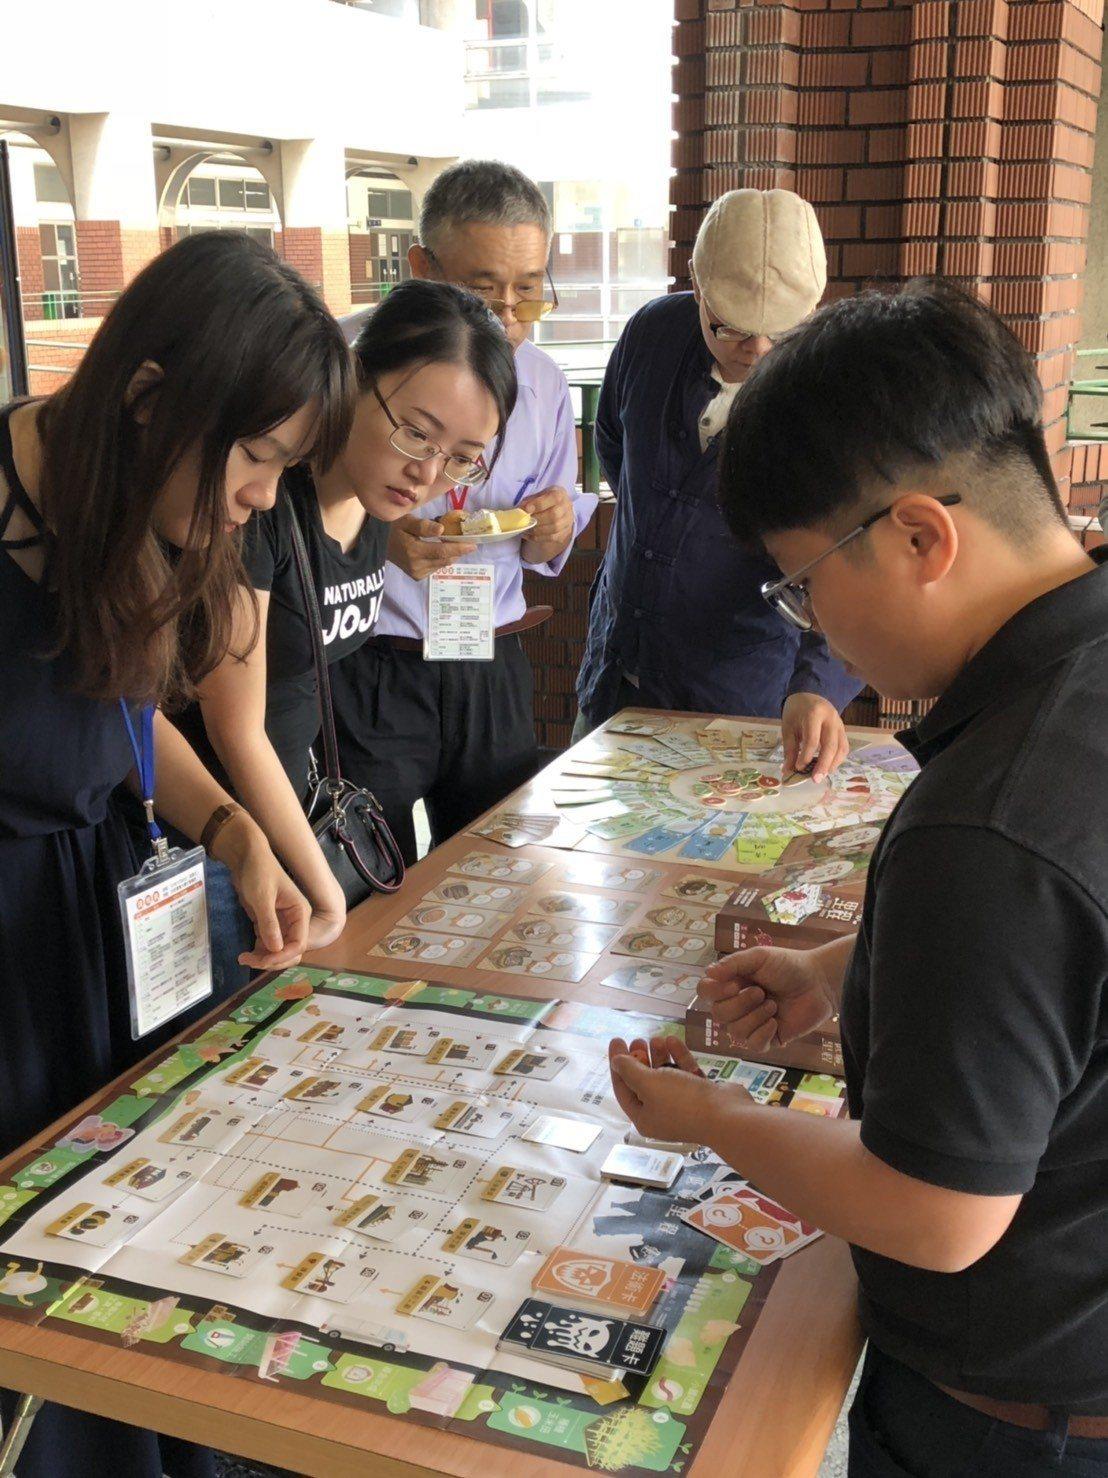 國教署為學校午餐教育打造桌遊系列。圖/國教署提供